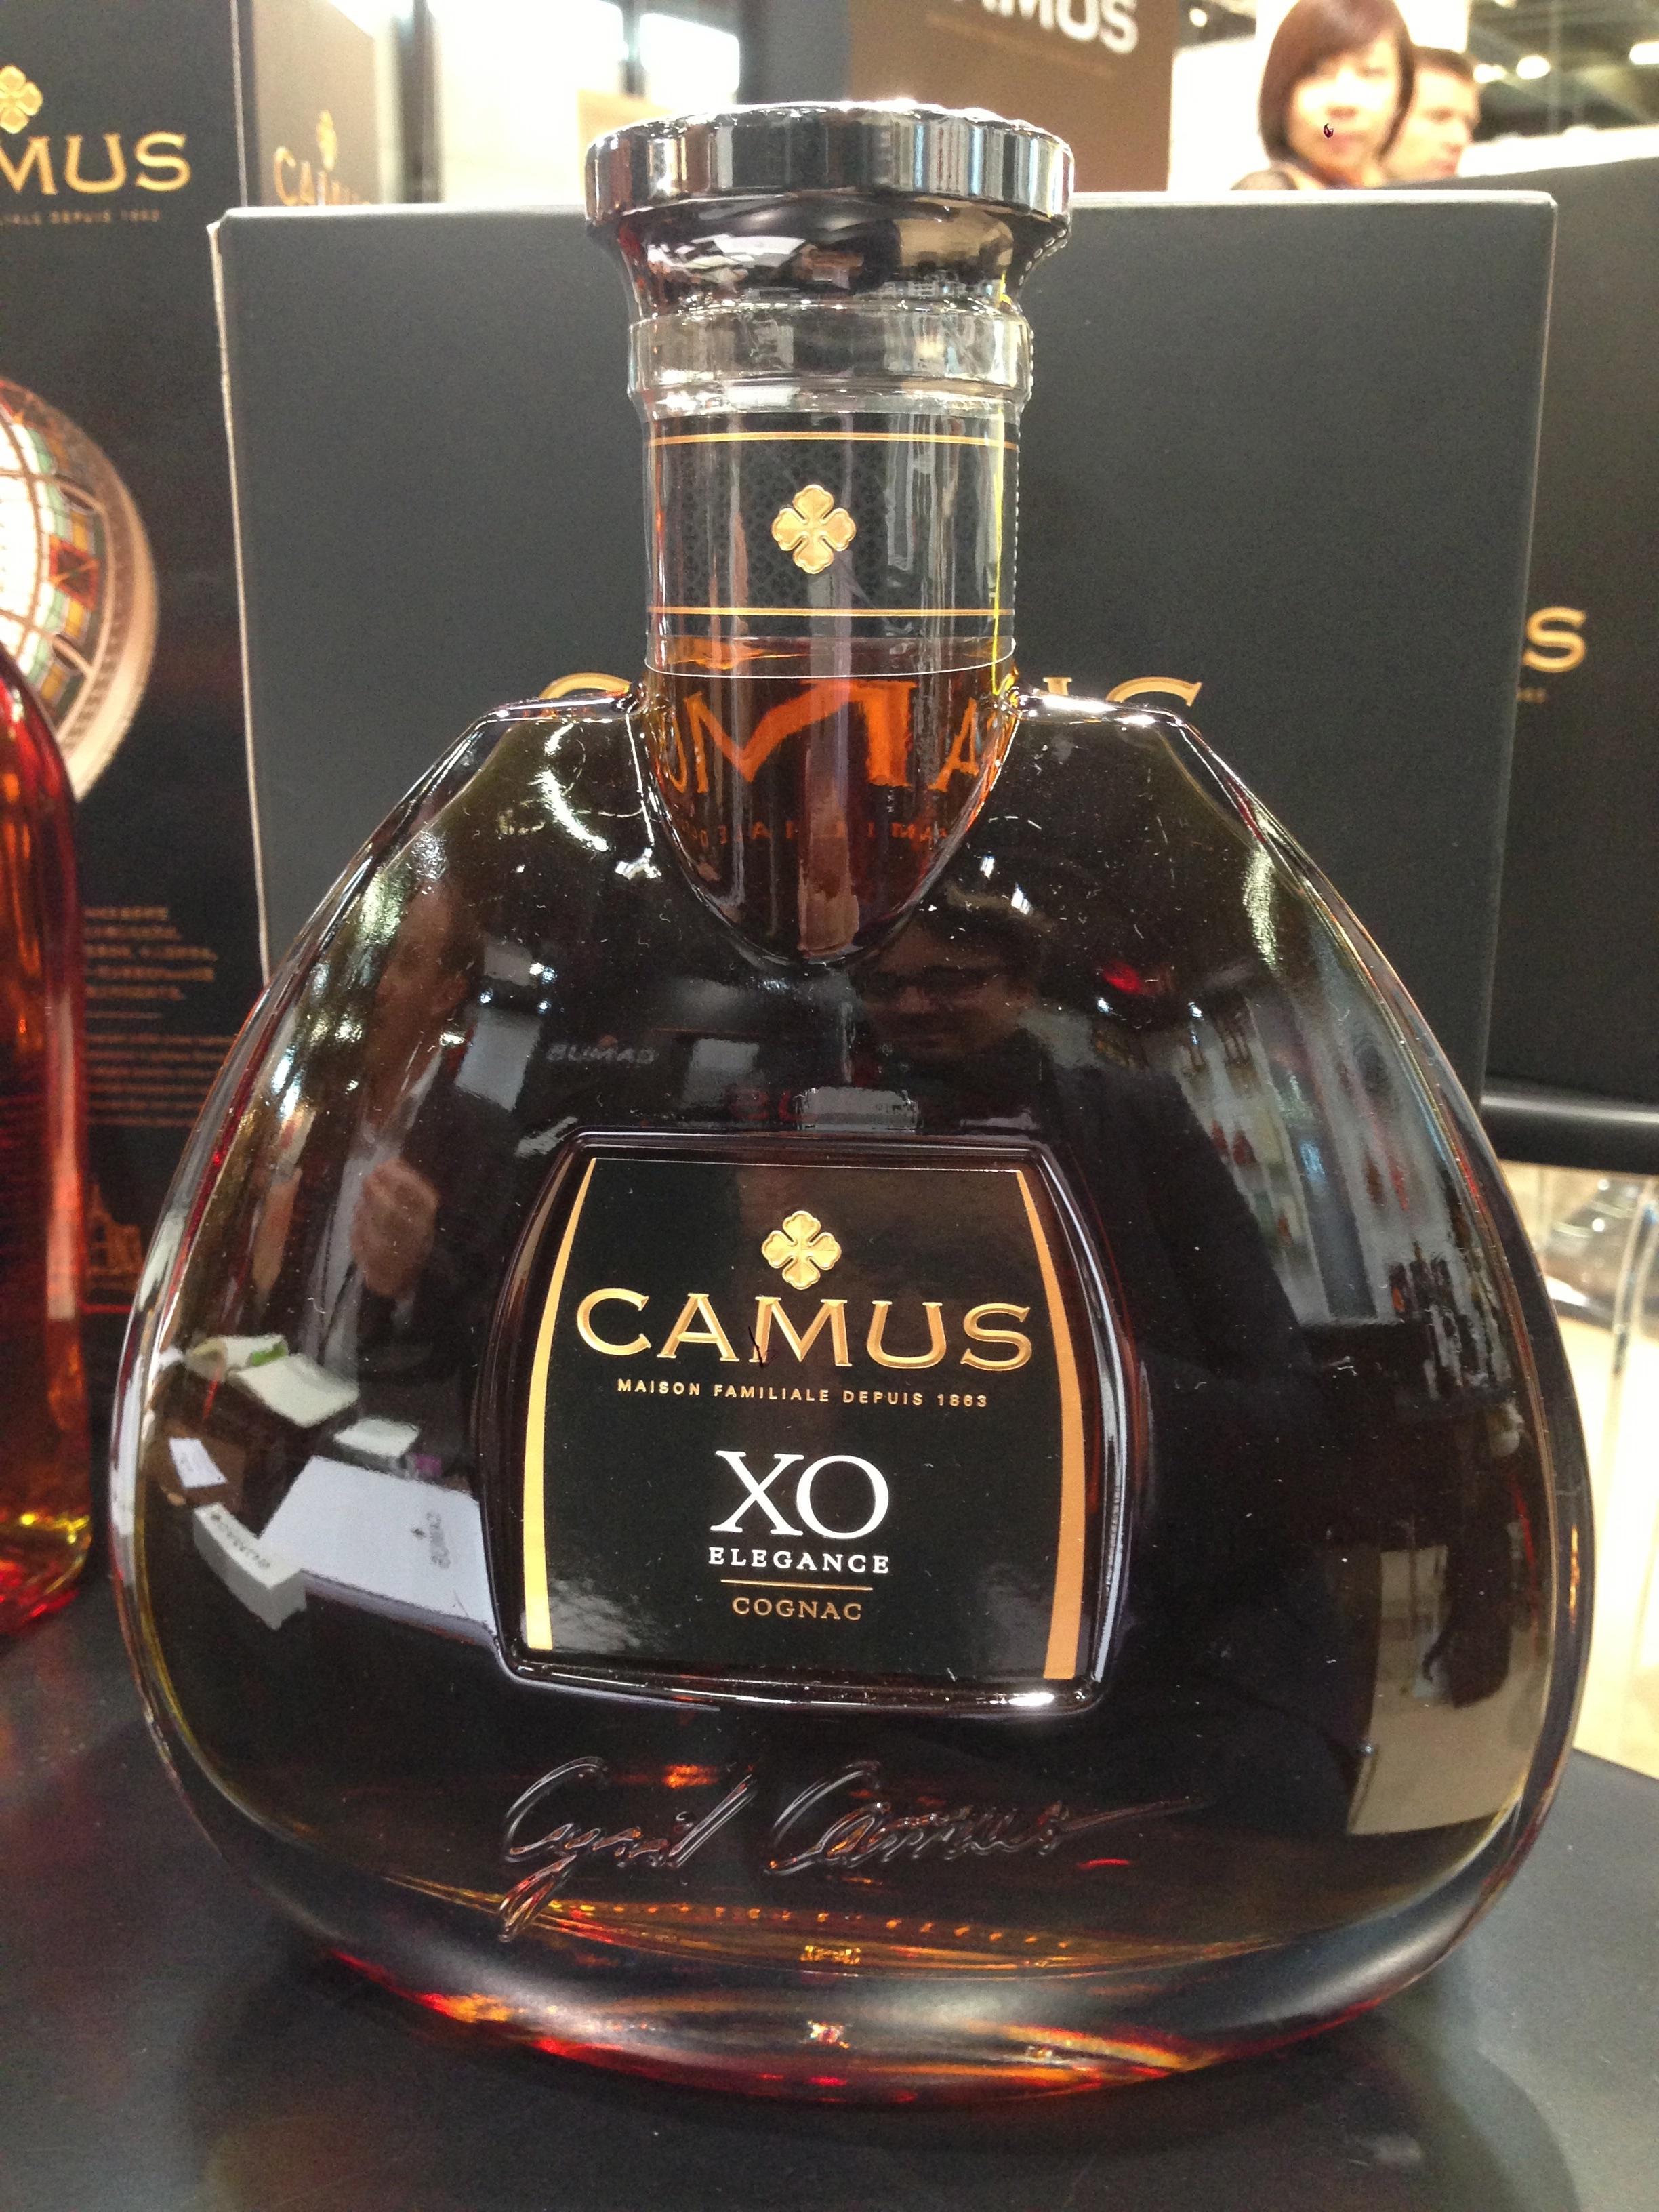 Camus Elegance XO Cognac